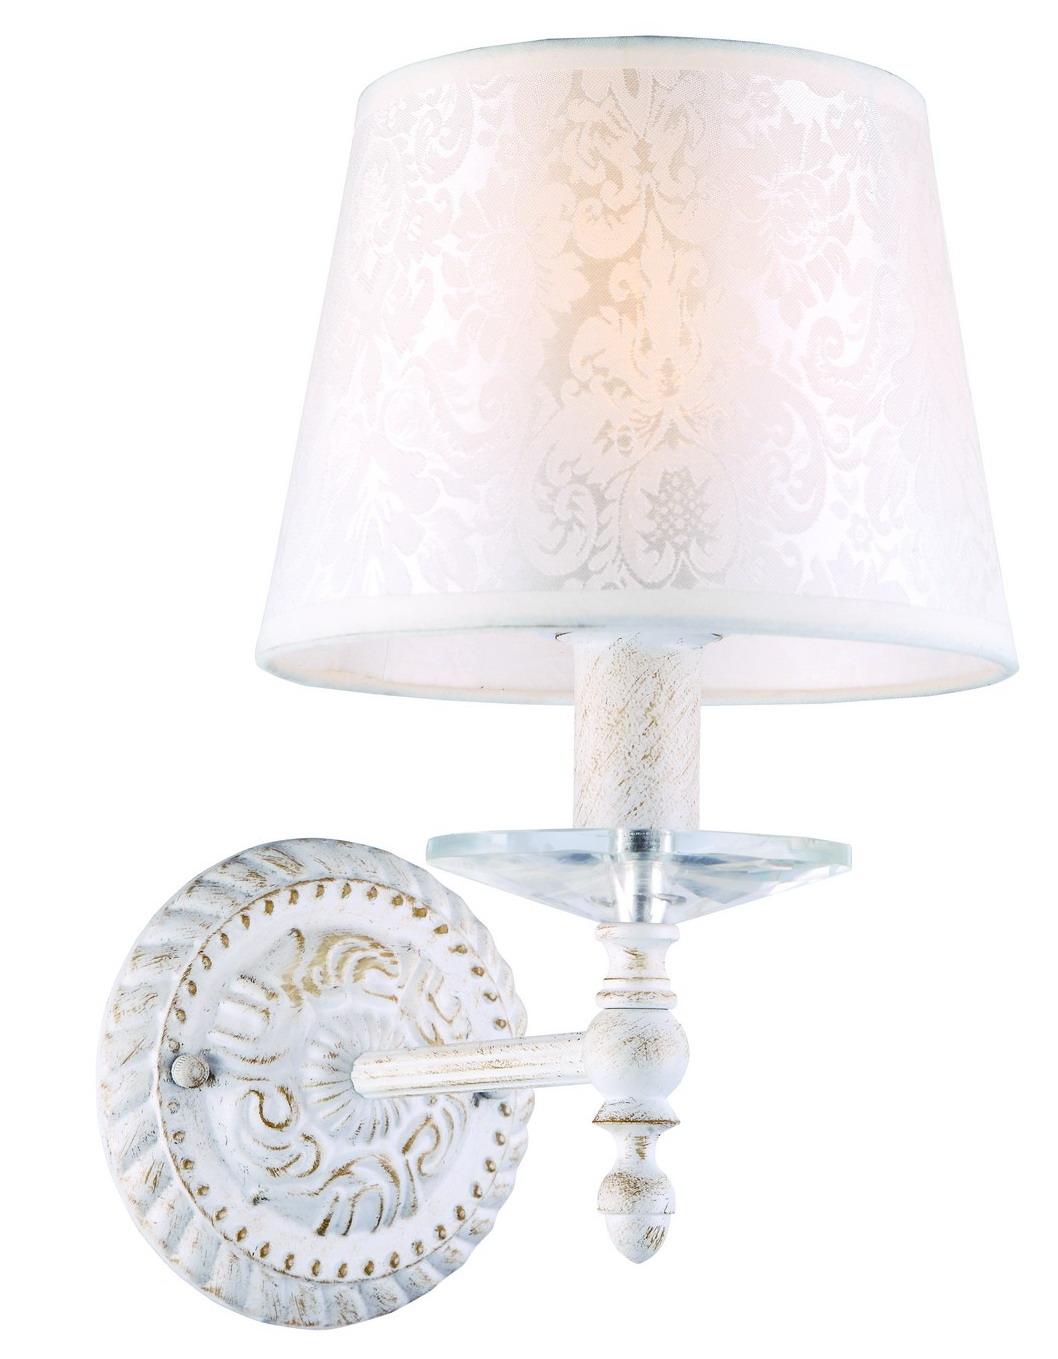 Бра Arte lampНастенные светильники и бра<br>Тип: бра,<br>Назначение светильника: для комнаты,<br>Стиль светильника: классика,<br>Материал светильника: металл, ткань,<br>Тип лампы: накаливания,<br>Количество ламп: 1,<br>Мощность: 40,<br>Патрон: Е14,<br>Цвет арматуры: белый,<br>Длина (мм): 250,<br>Высота: 290,<br>Диаметр: 180<br>